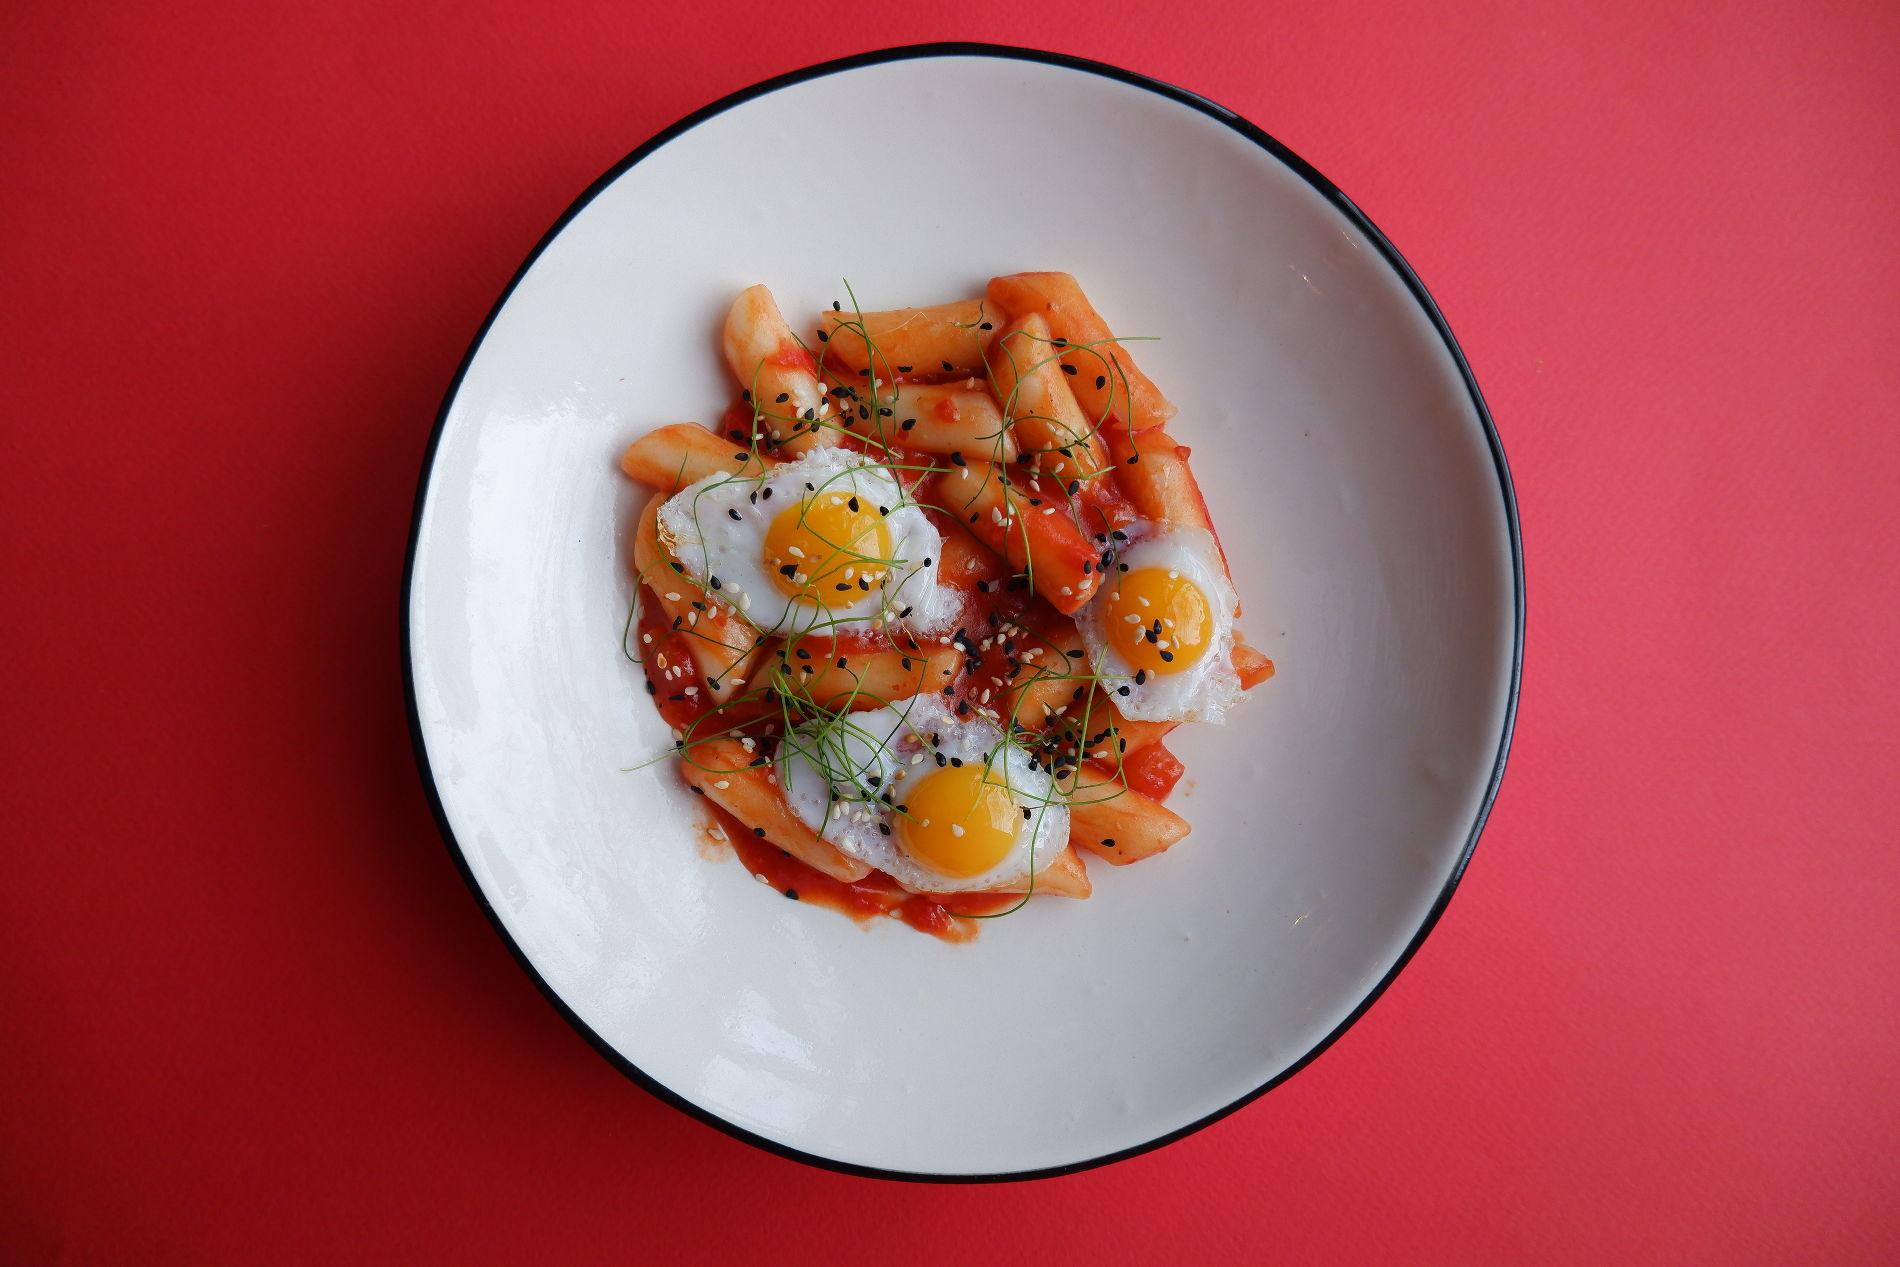 Токпокки томленые с томатами и перцем чили ©Фото предоставлено PR-службой Mr. Drunke Bar